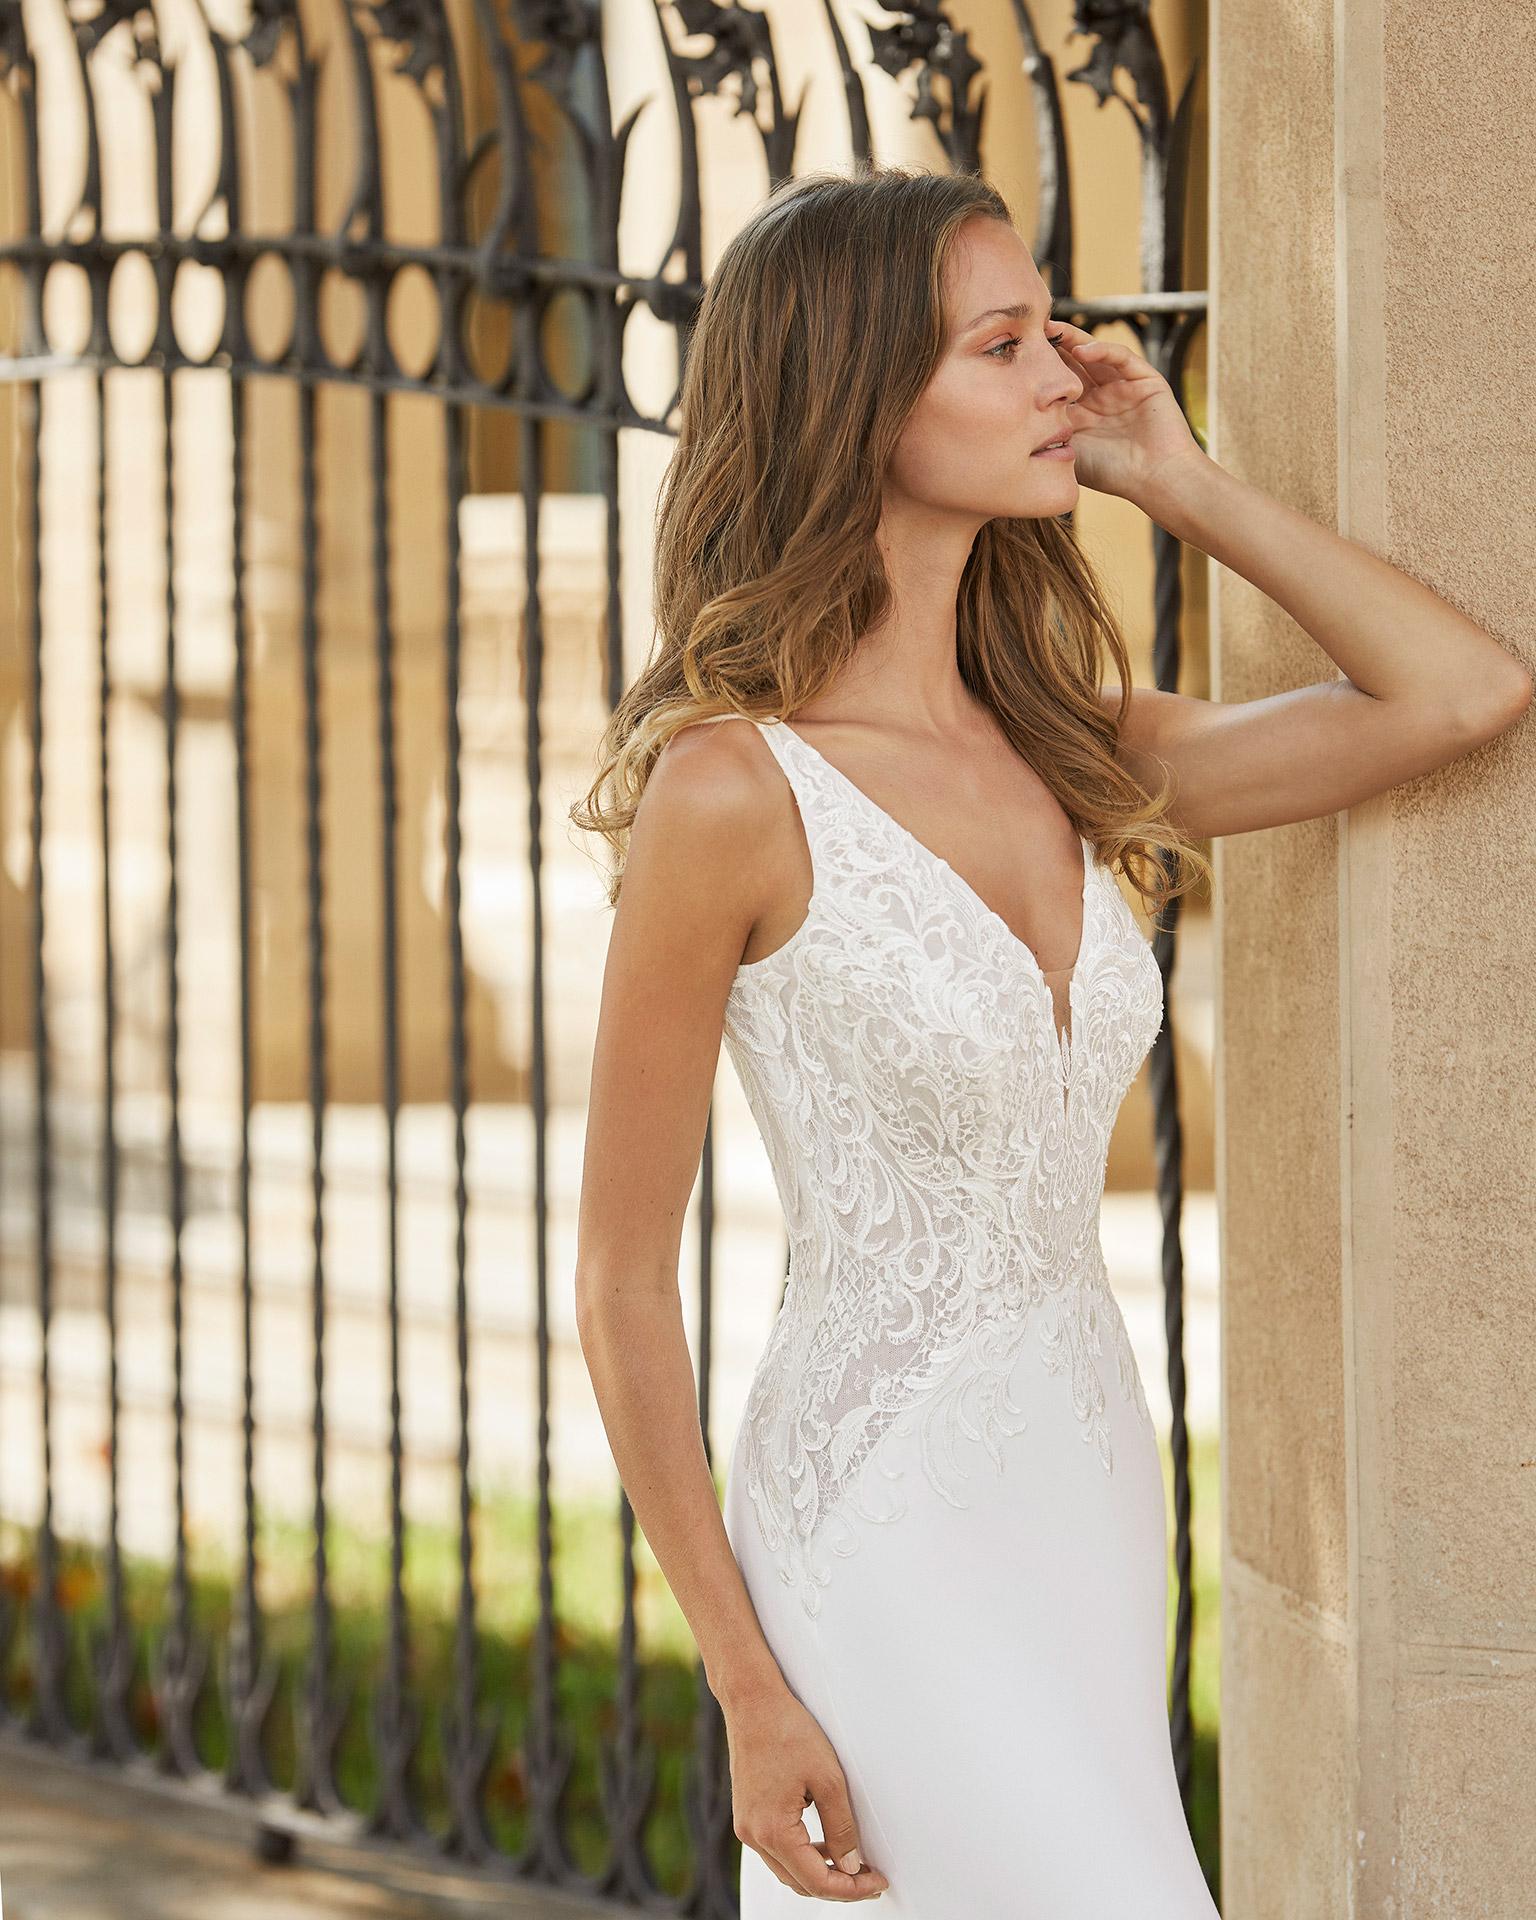 Vestido de novia corte recto de crep elástico con forro moldeador y encaje. Escote deep plunge y espalda escotada. Colección  2022.